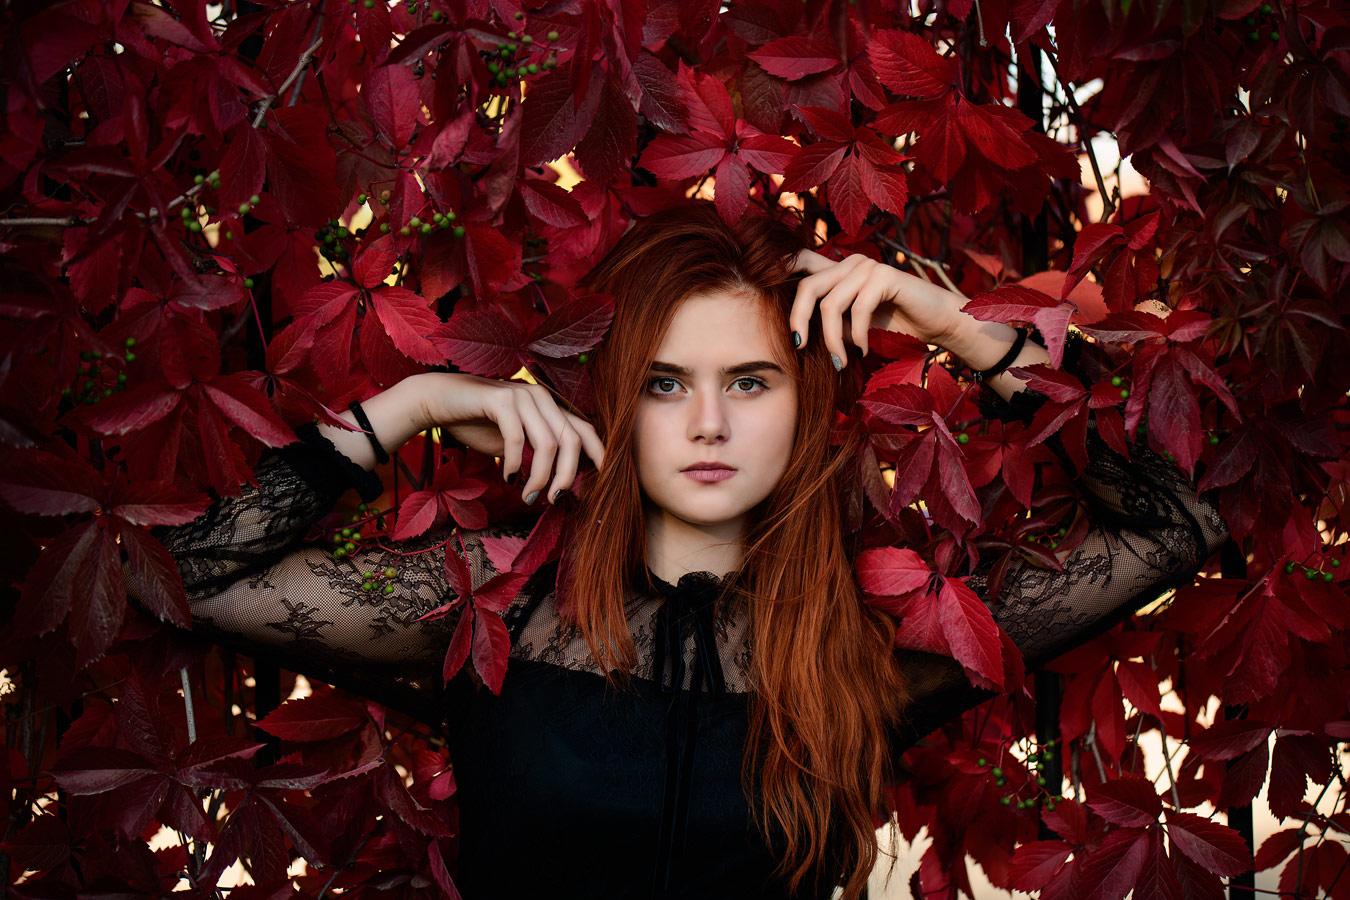 Лоза, © Роман Кучинский, Фотоконкурс «Осенний портрет»